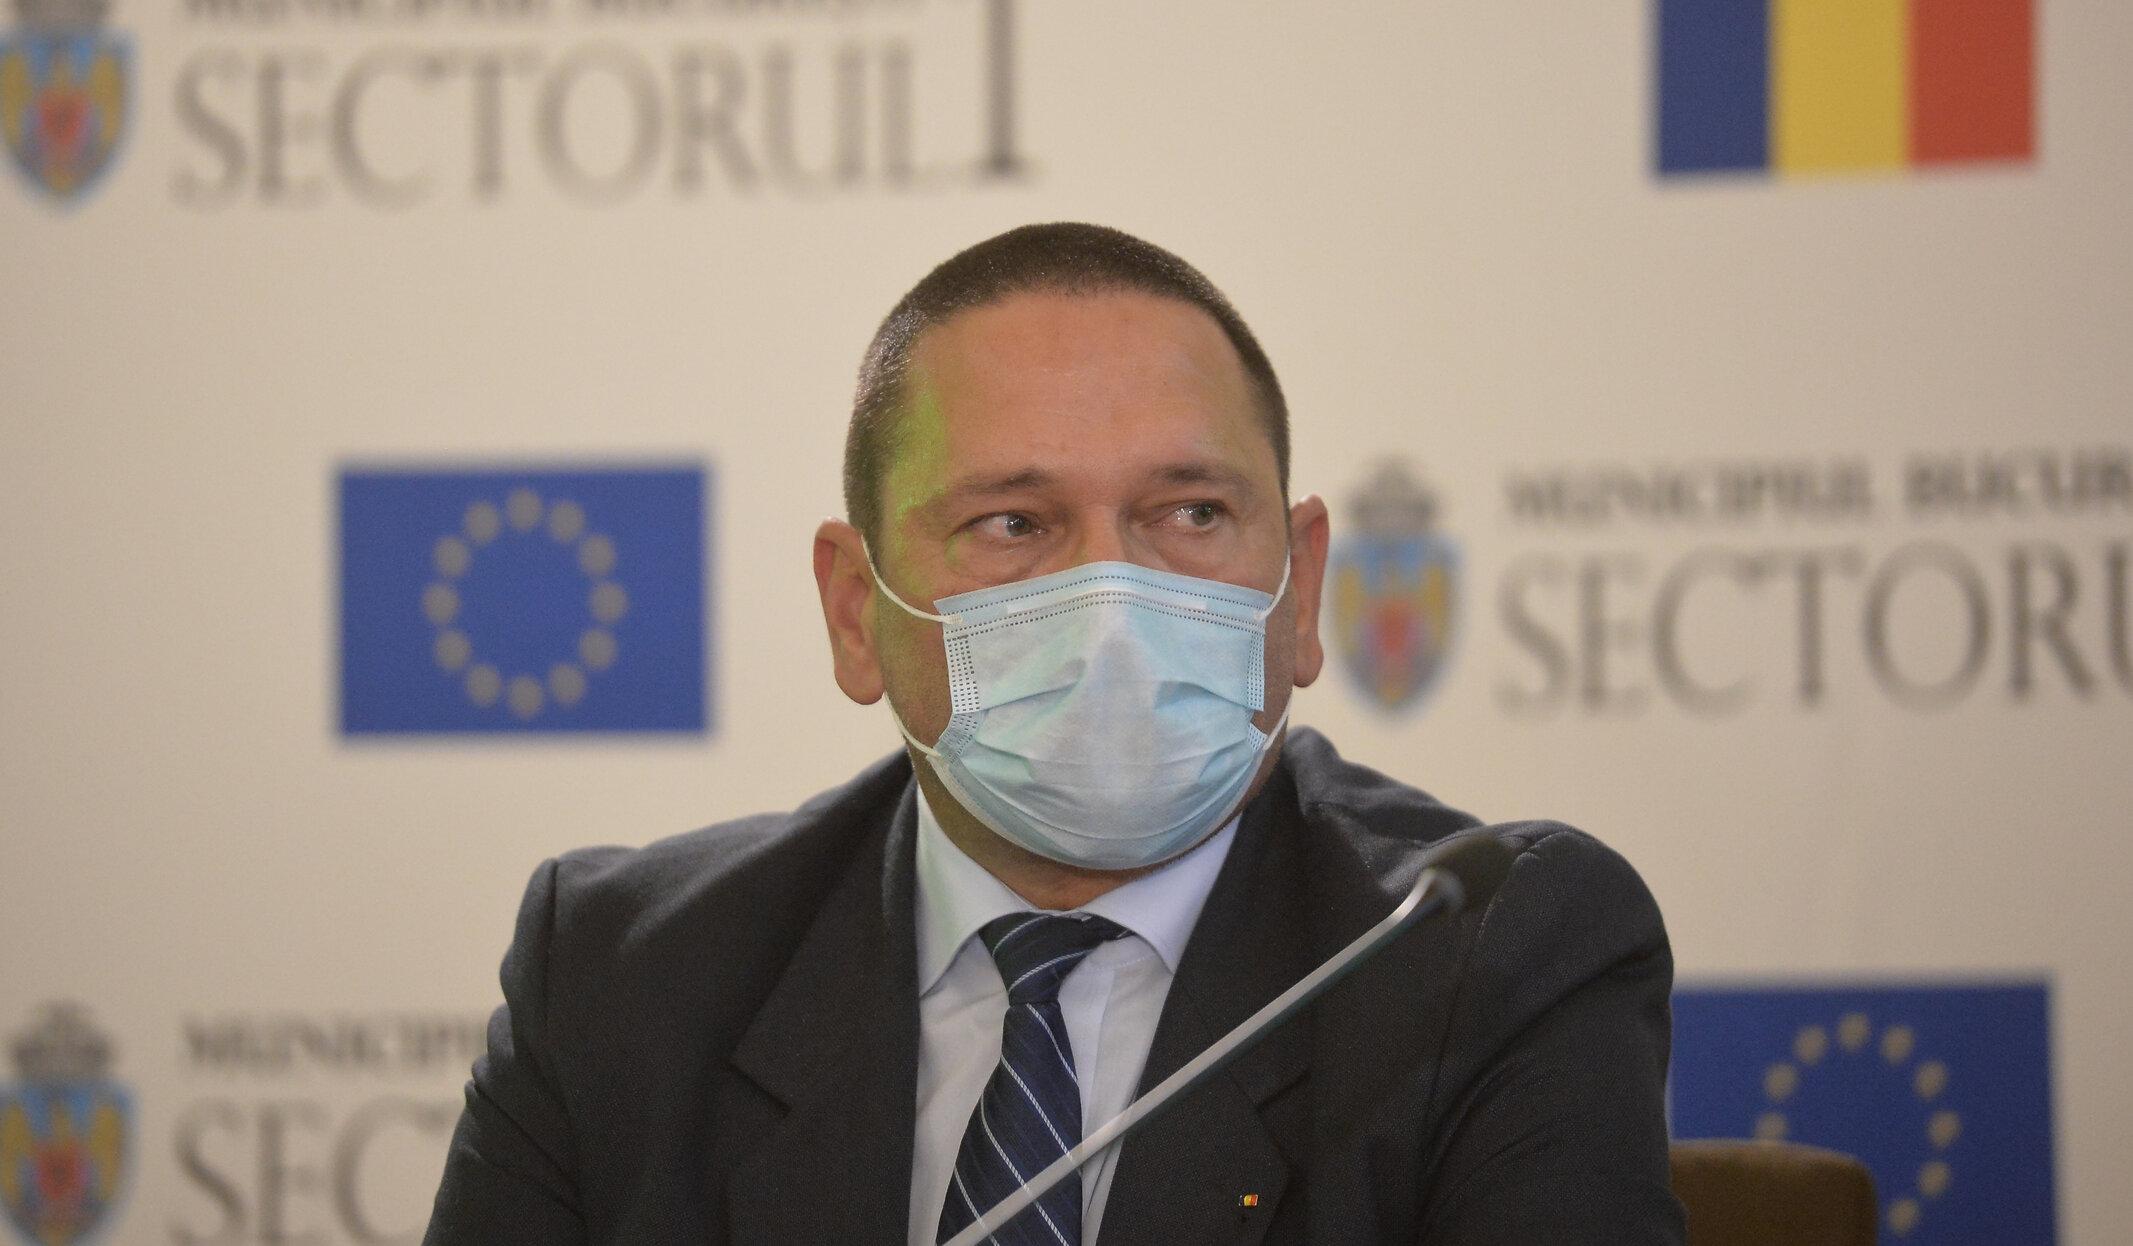 Traian Berbeceanu anunță că anumite restricții se vor relaxa în Capitală, dacă rata de incidență se menține la un nivel scăzut în următoarele 48 de ore